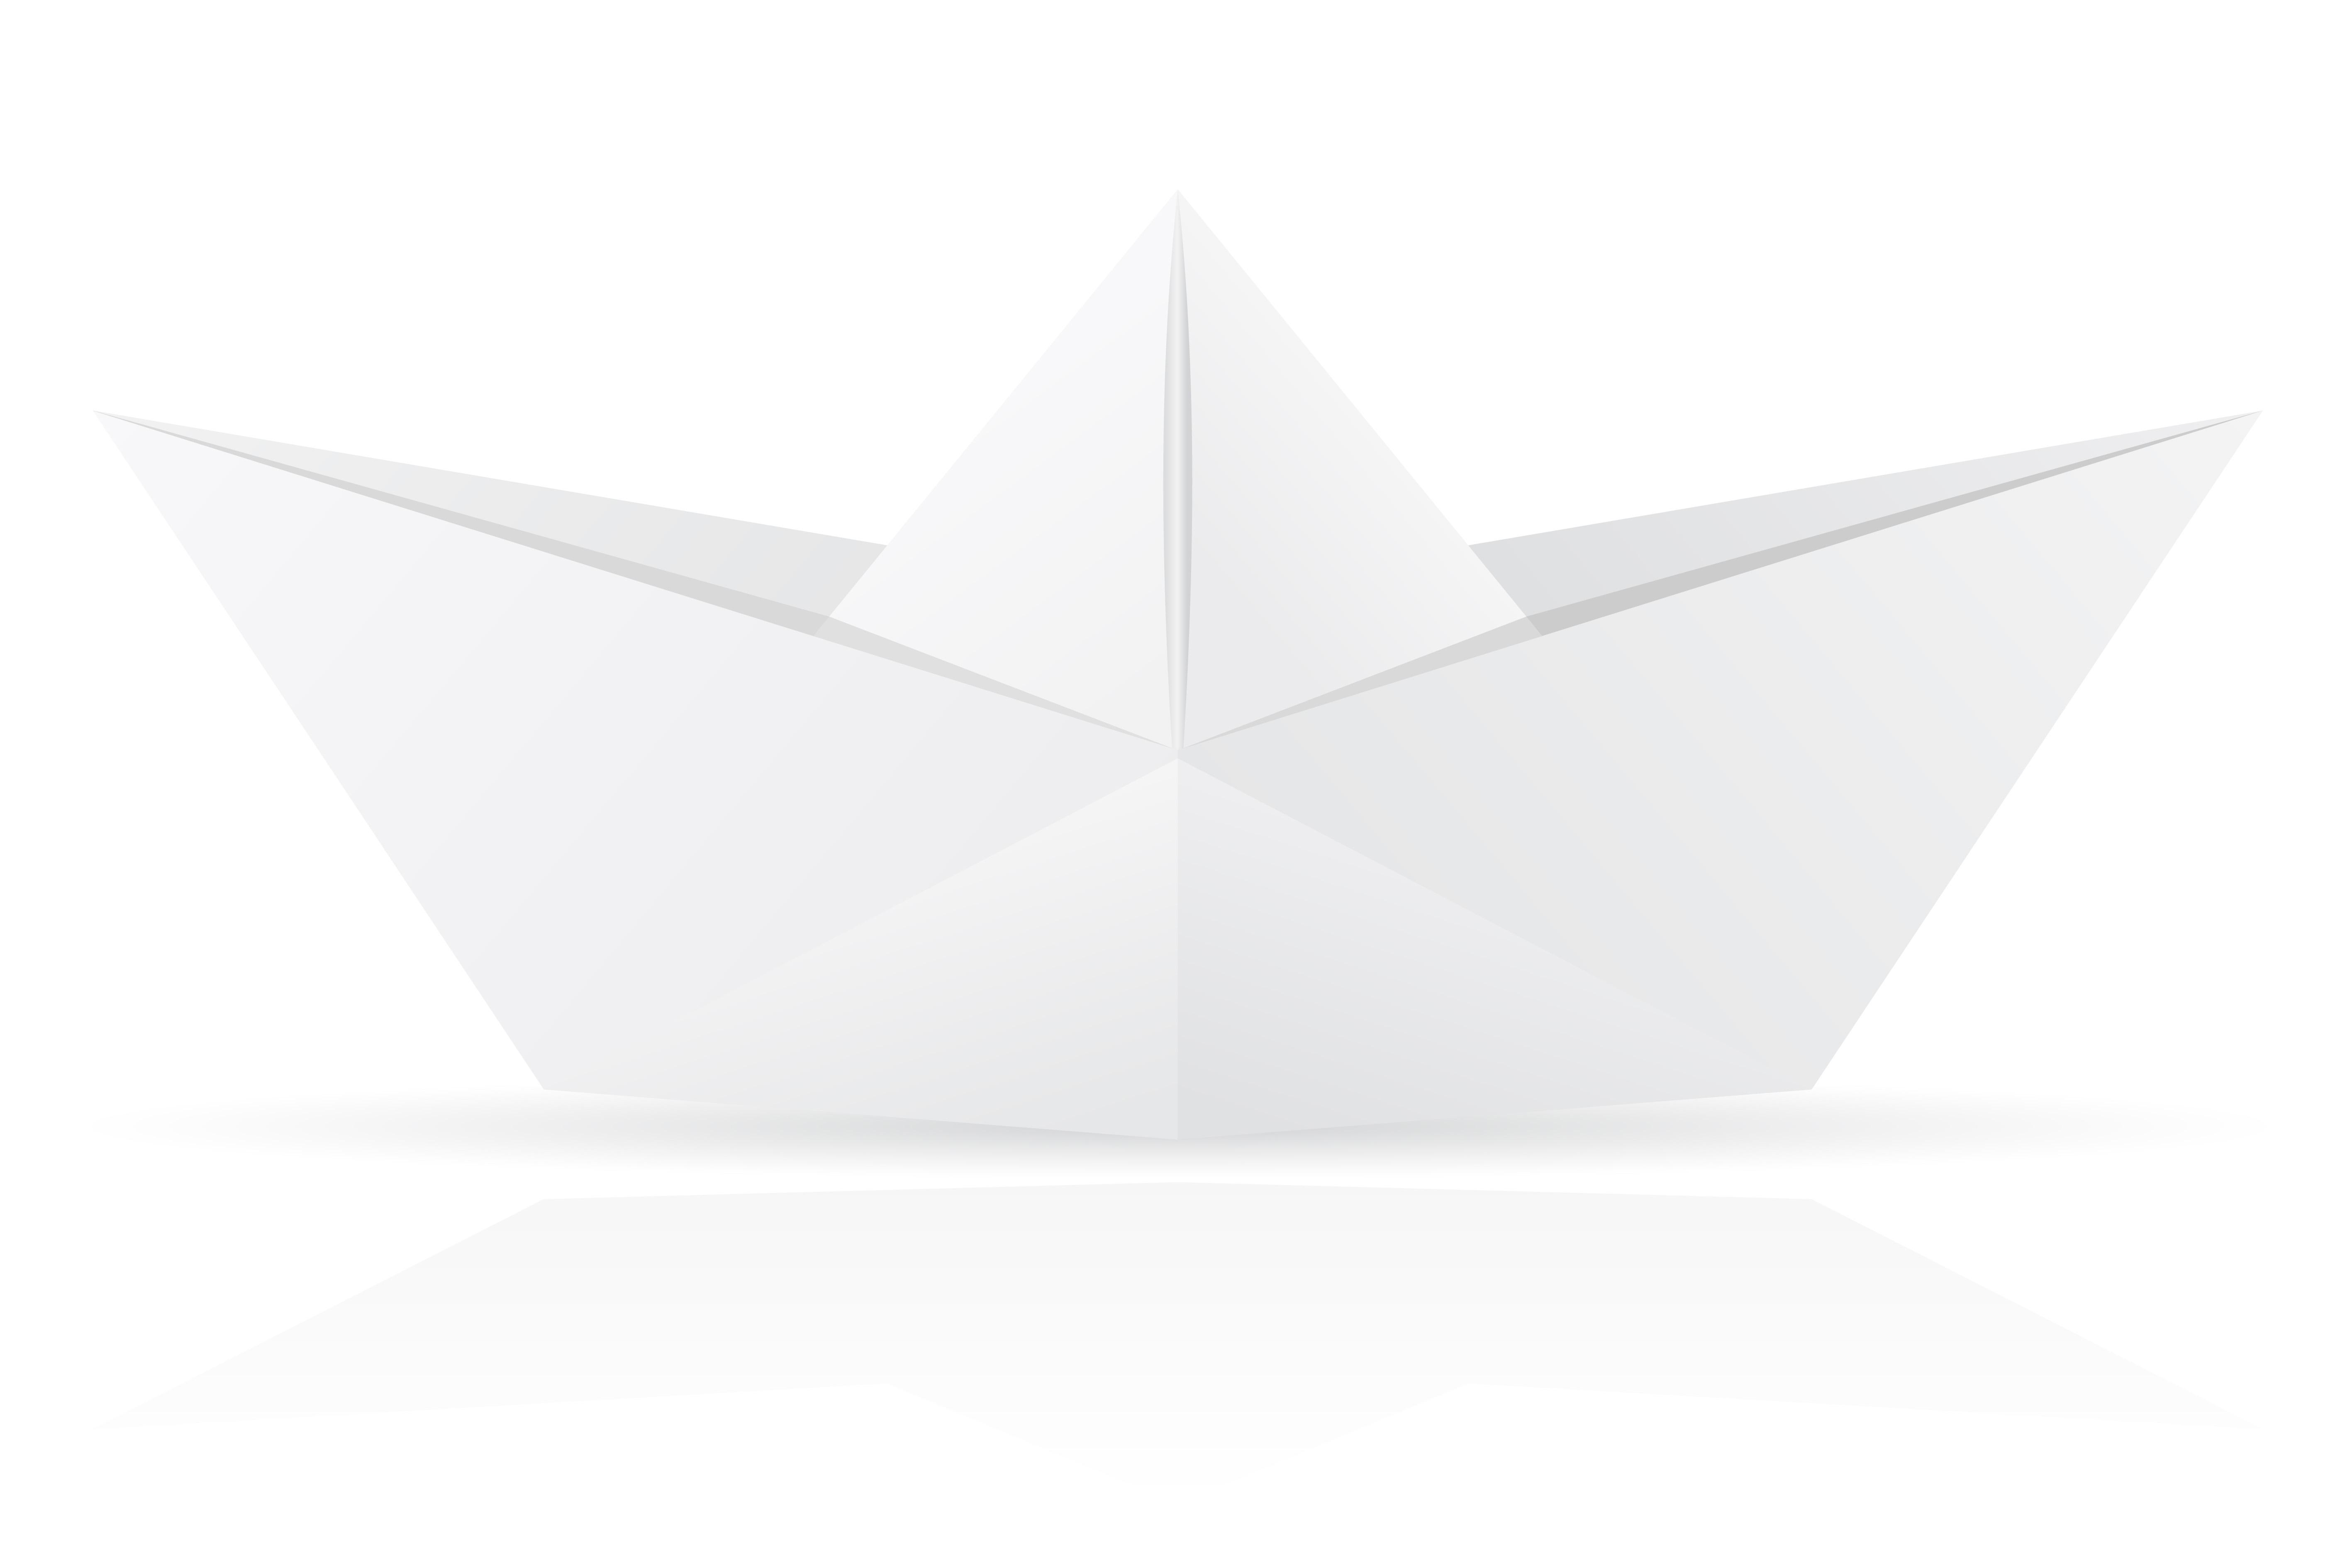 Illustration Vectorielle De Bateau En Papier Origami Telecharger Vectoriel Gratuit Clipart Graphique Vecteur Dessins Et Pictogramme Gratuit